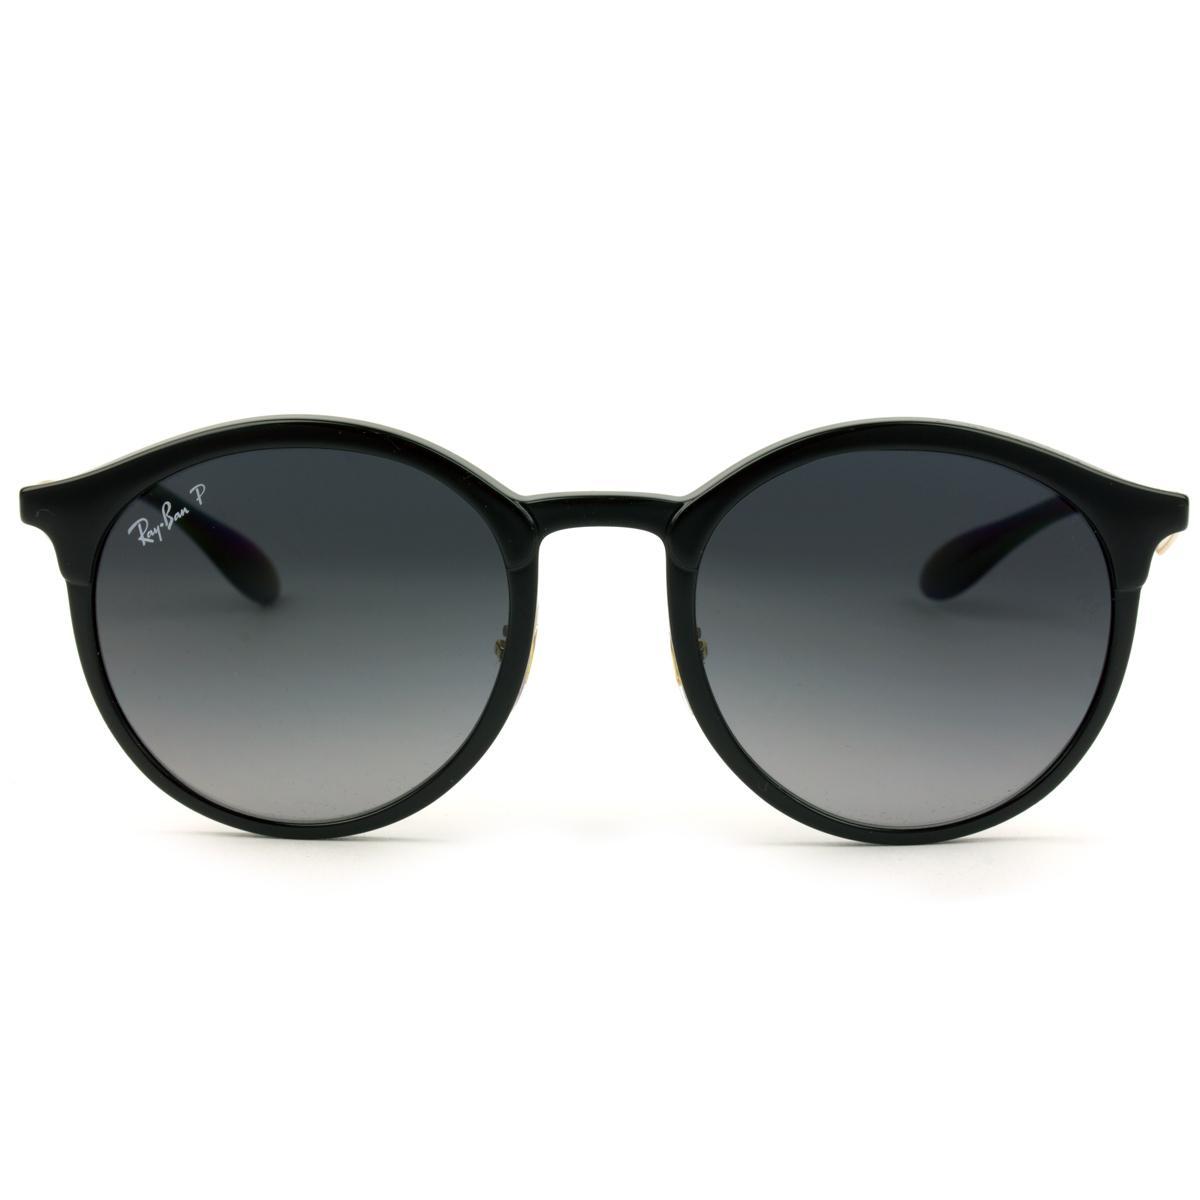 e31030a18 Óculos de Sol Ray-Ban Emma RB4277 6306/T3 51 Polarizado R$ 541,45 à vista.  Adicionar à sacola